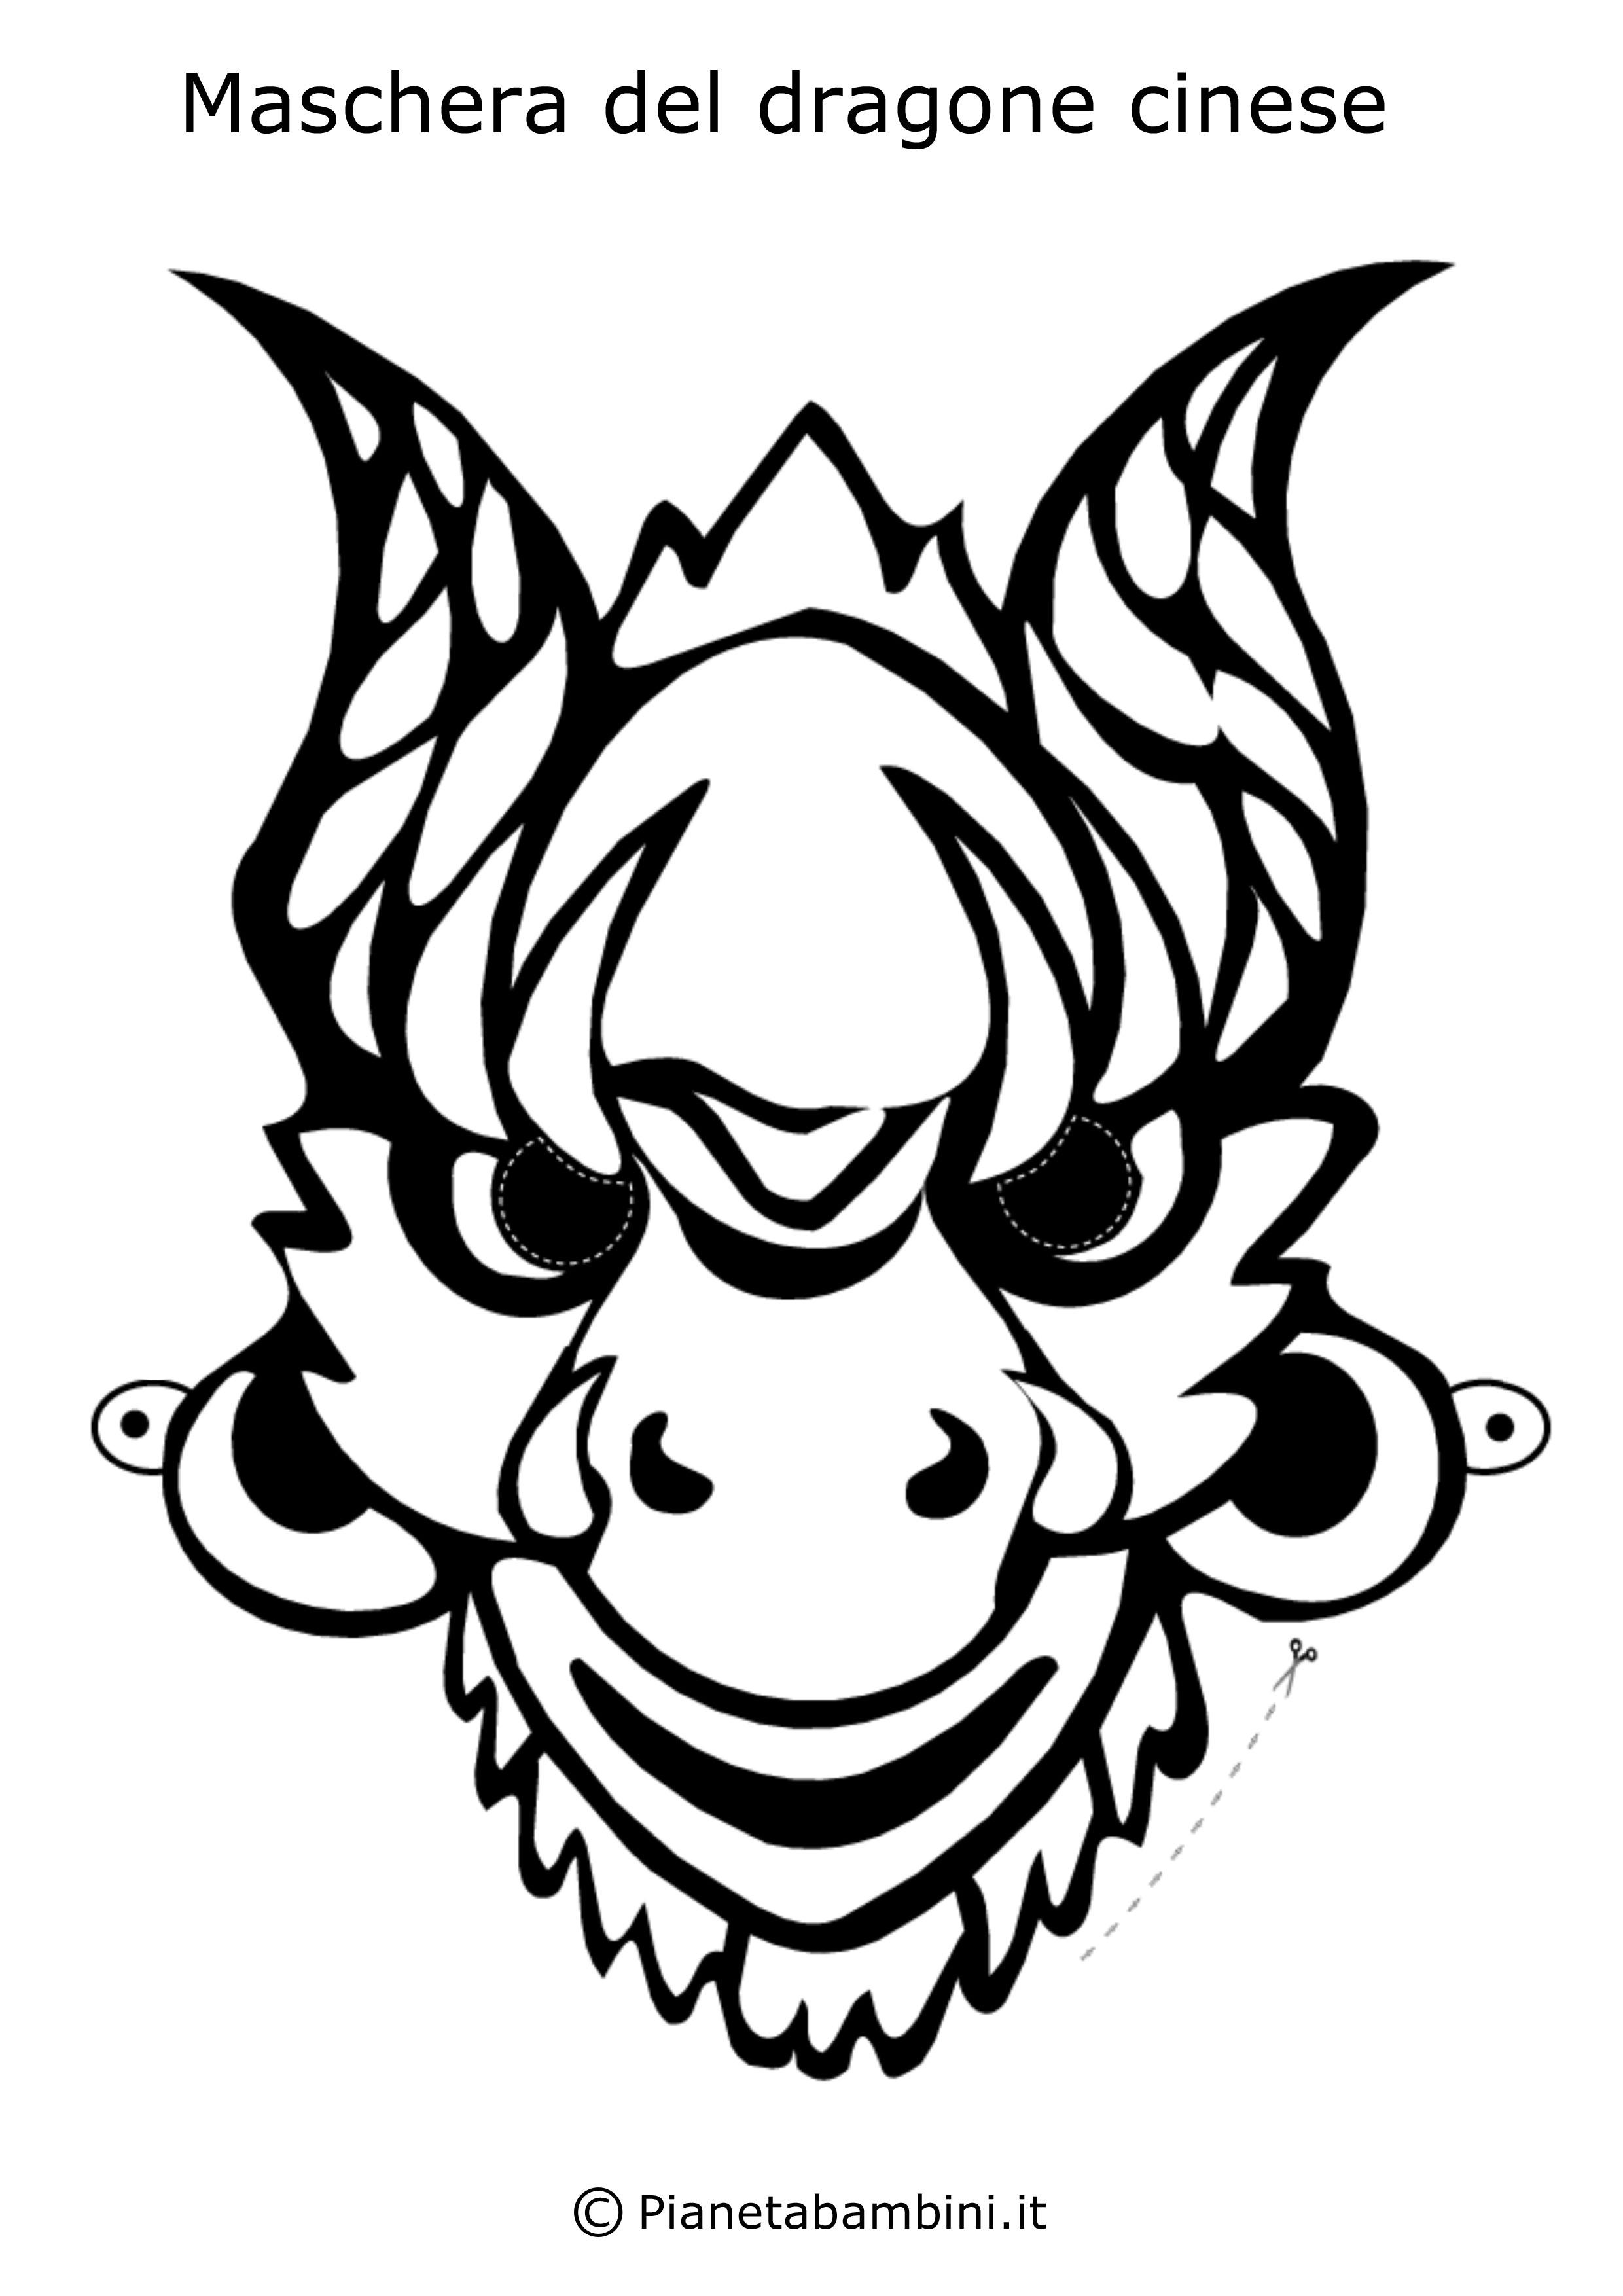 Maschera-Colorare-Dragone